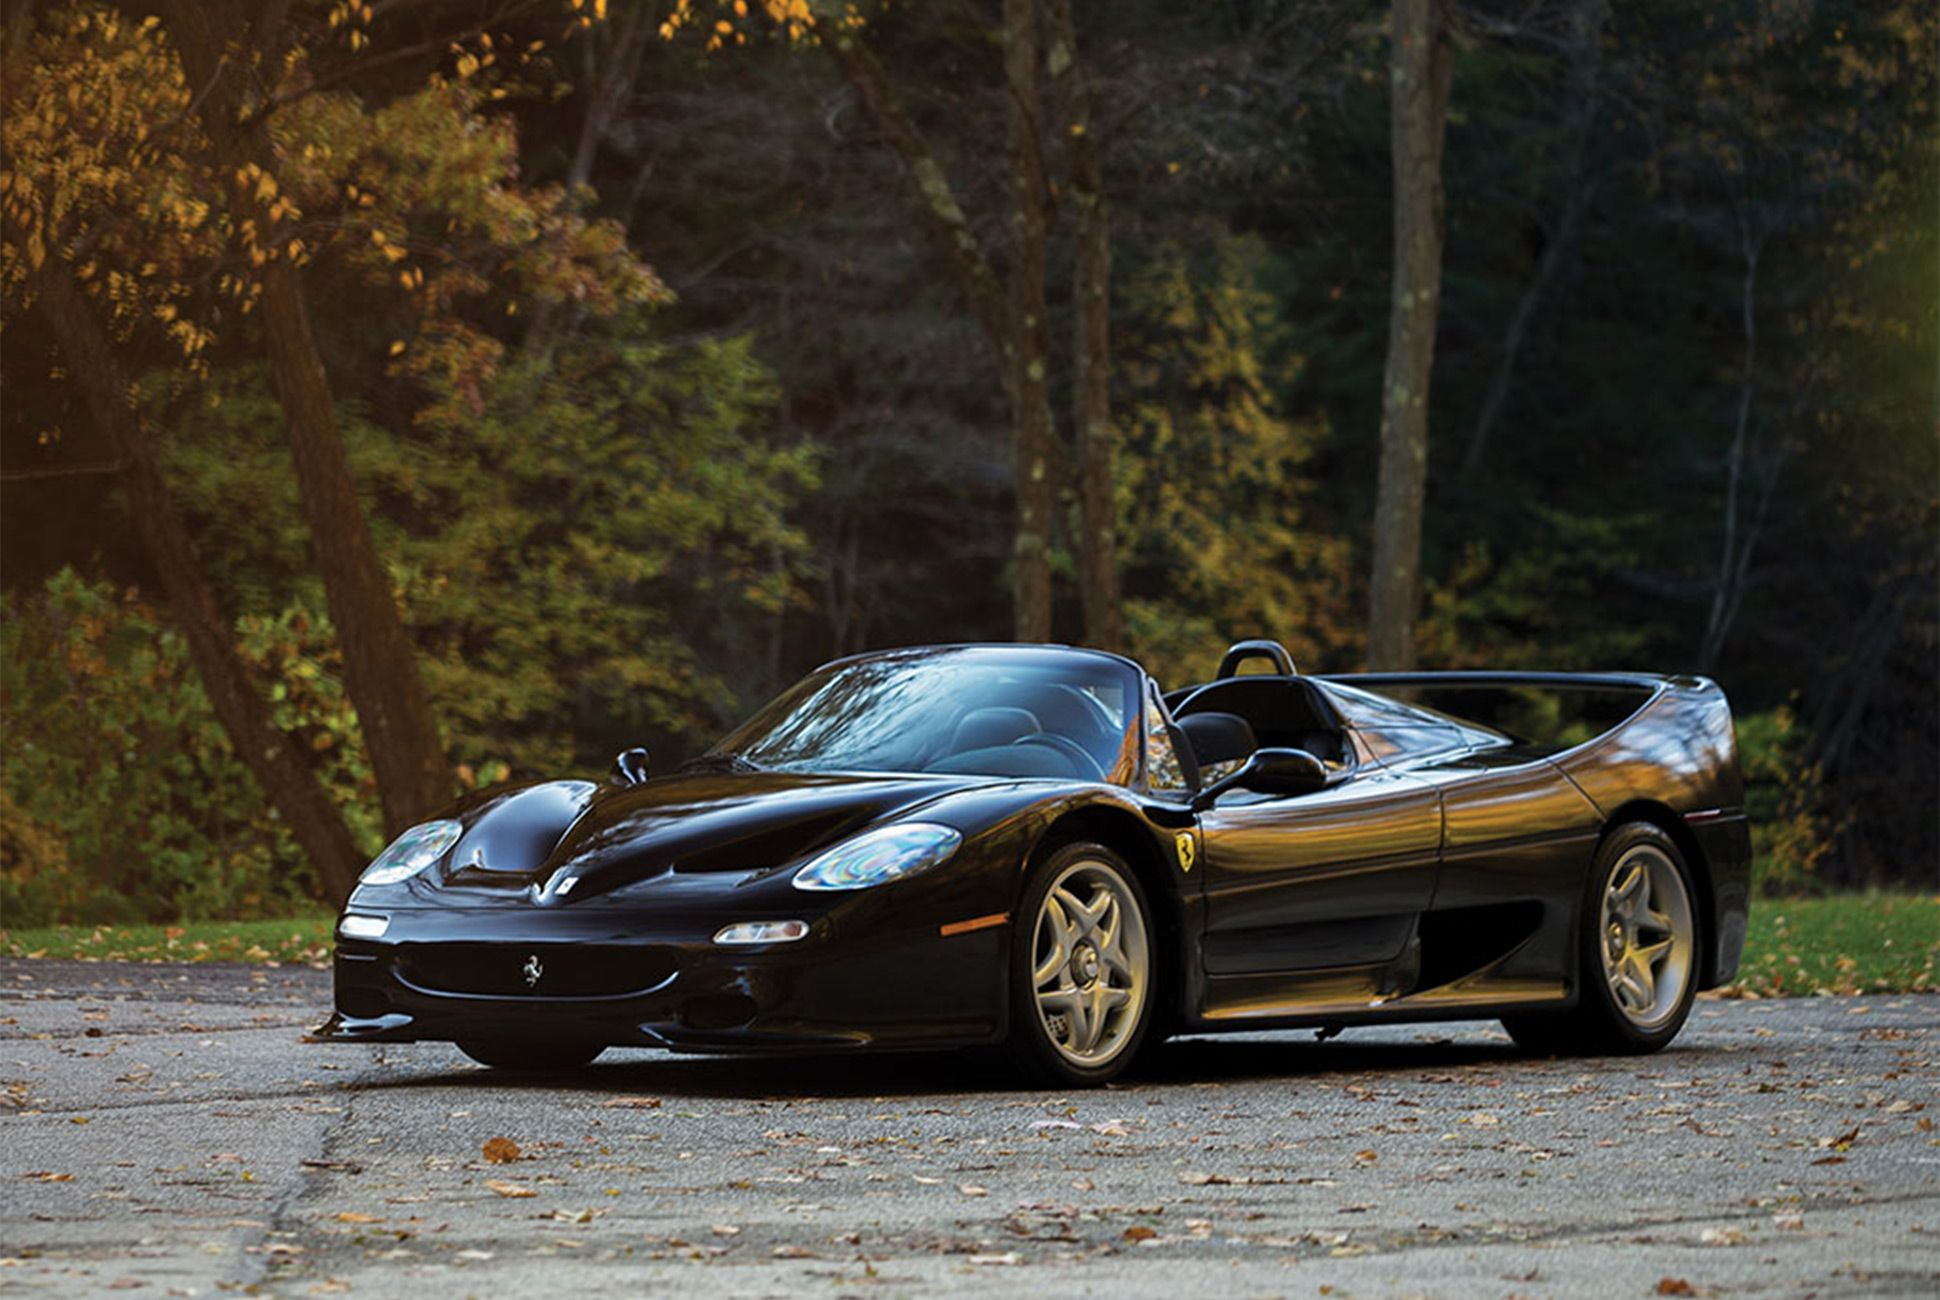 Ferrari-F50-Gear-Patrol-Slide-01